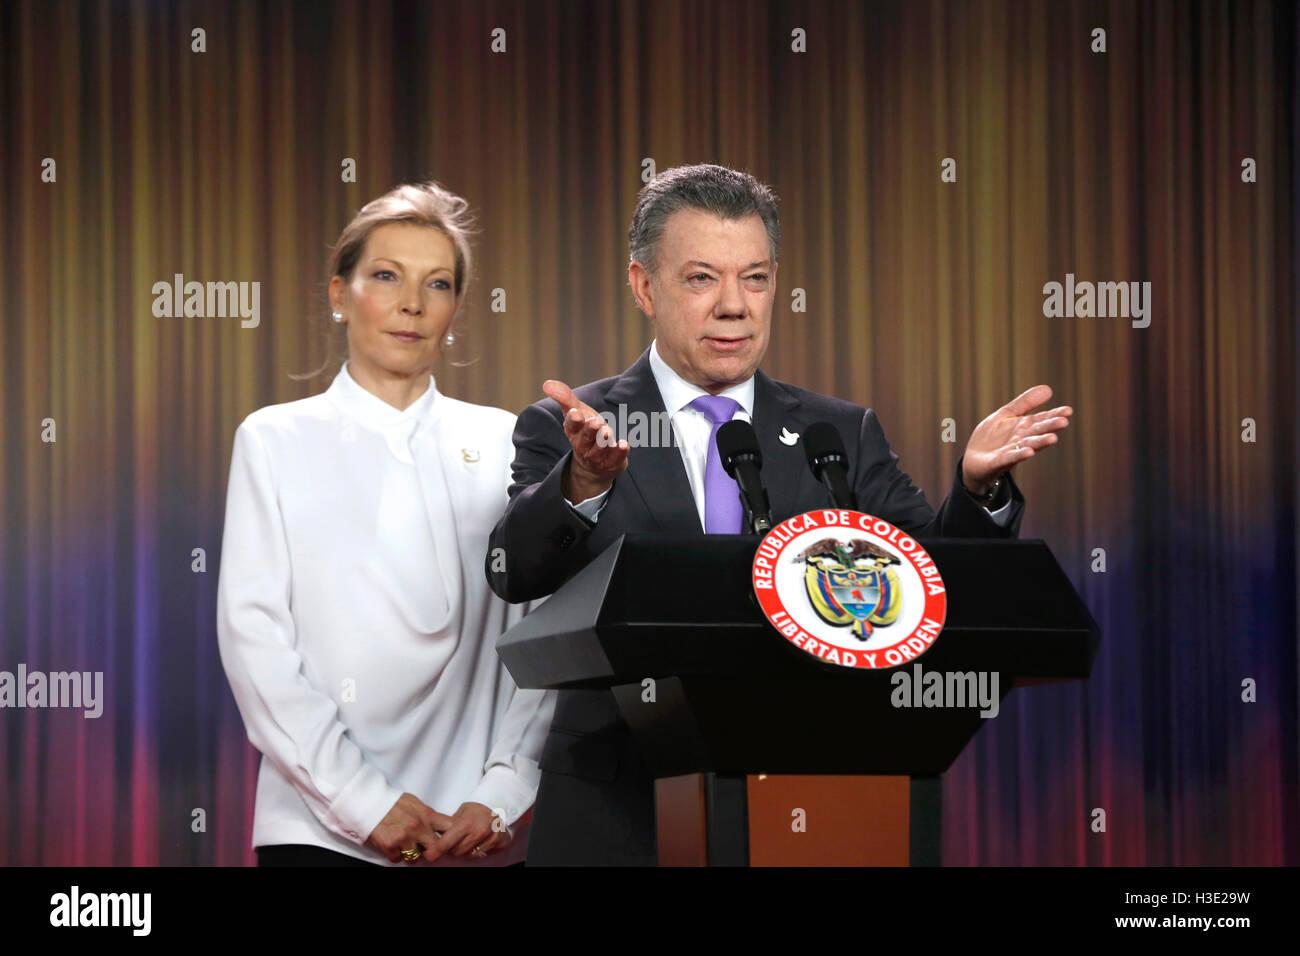 Bogotà, Colombia. Il 7 ottobre, 2016. Il presidente colombiano Juan Manuel Santos (R) fornisce una dichiarazione Immagini Stock